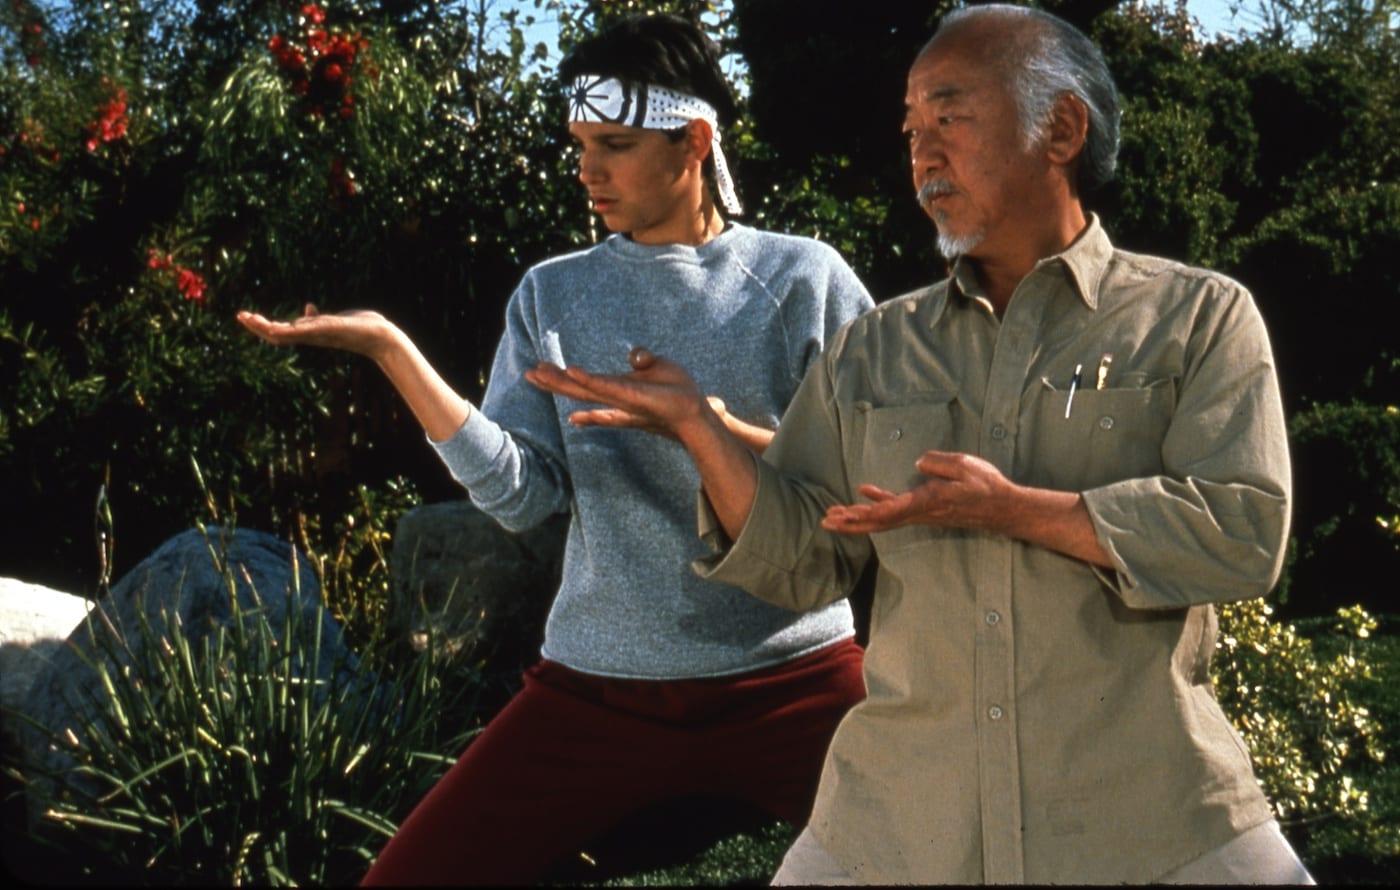 karate kid, my miyagi, daniel, back in theaters